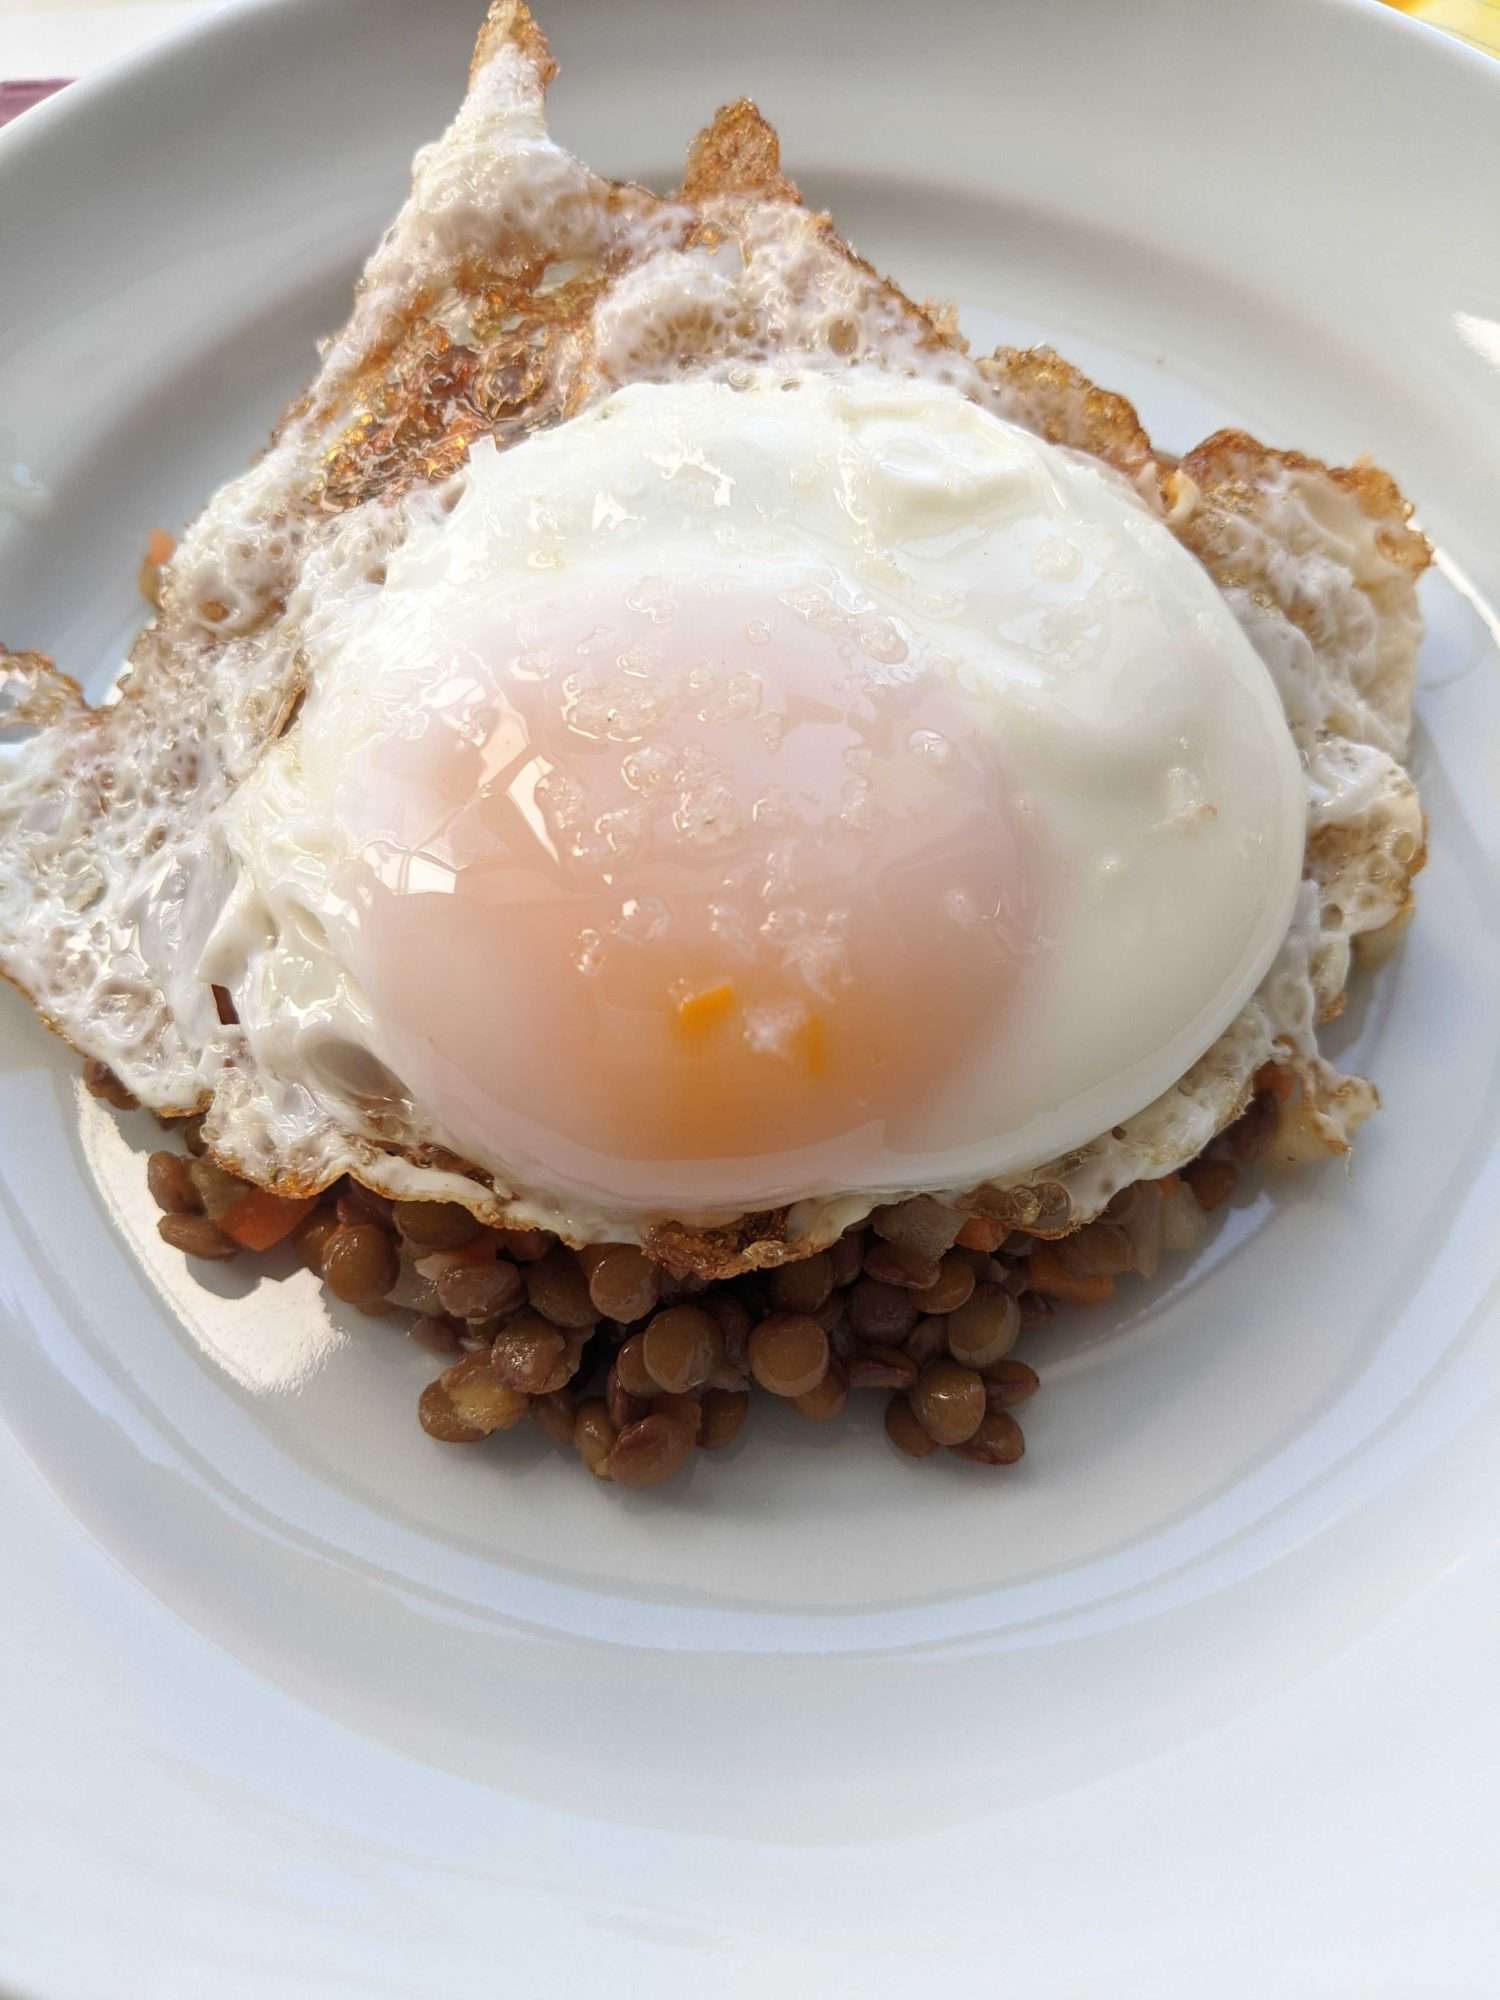 A fried egg on top of a pile of lentil salad